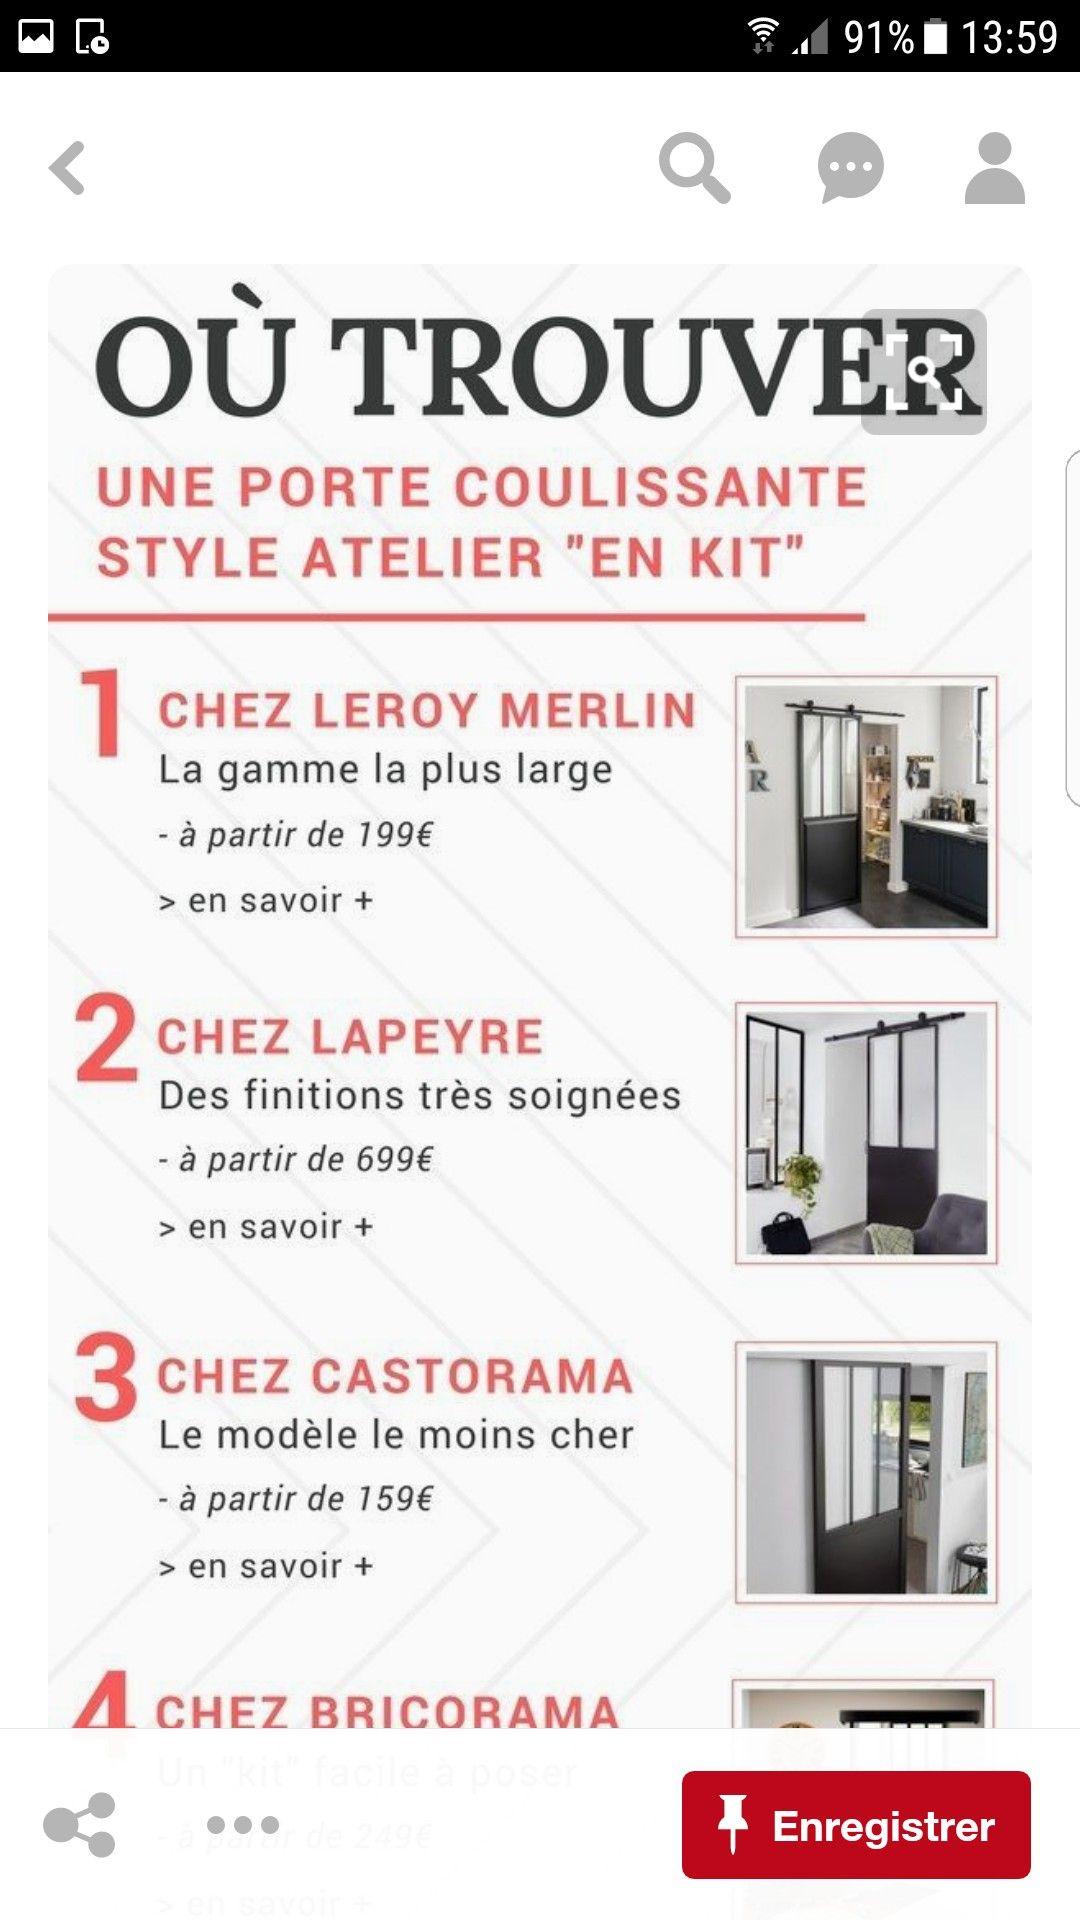 Epingle Par Sandy Sauvage Sur Idees Deco Bas Avec Images Porte Coulissante Style Atelier Porte Coulissante Castorama